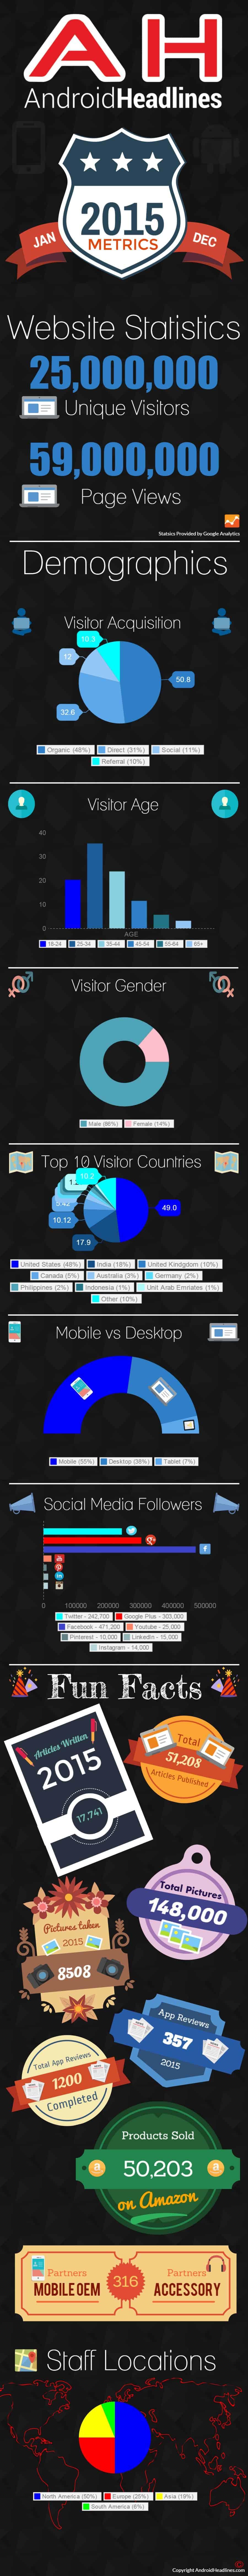 AH 2015 Metrics Infographic